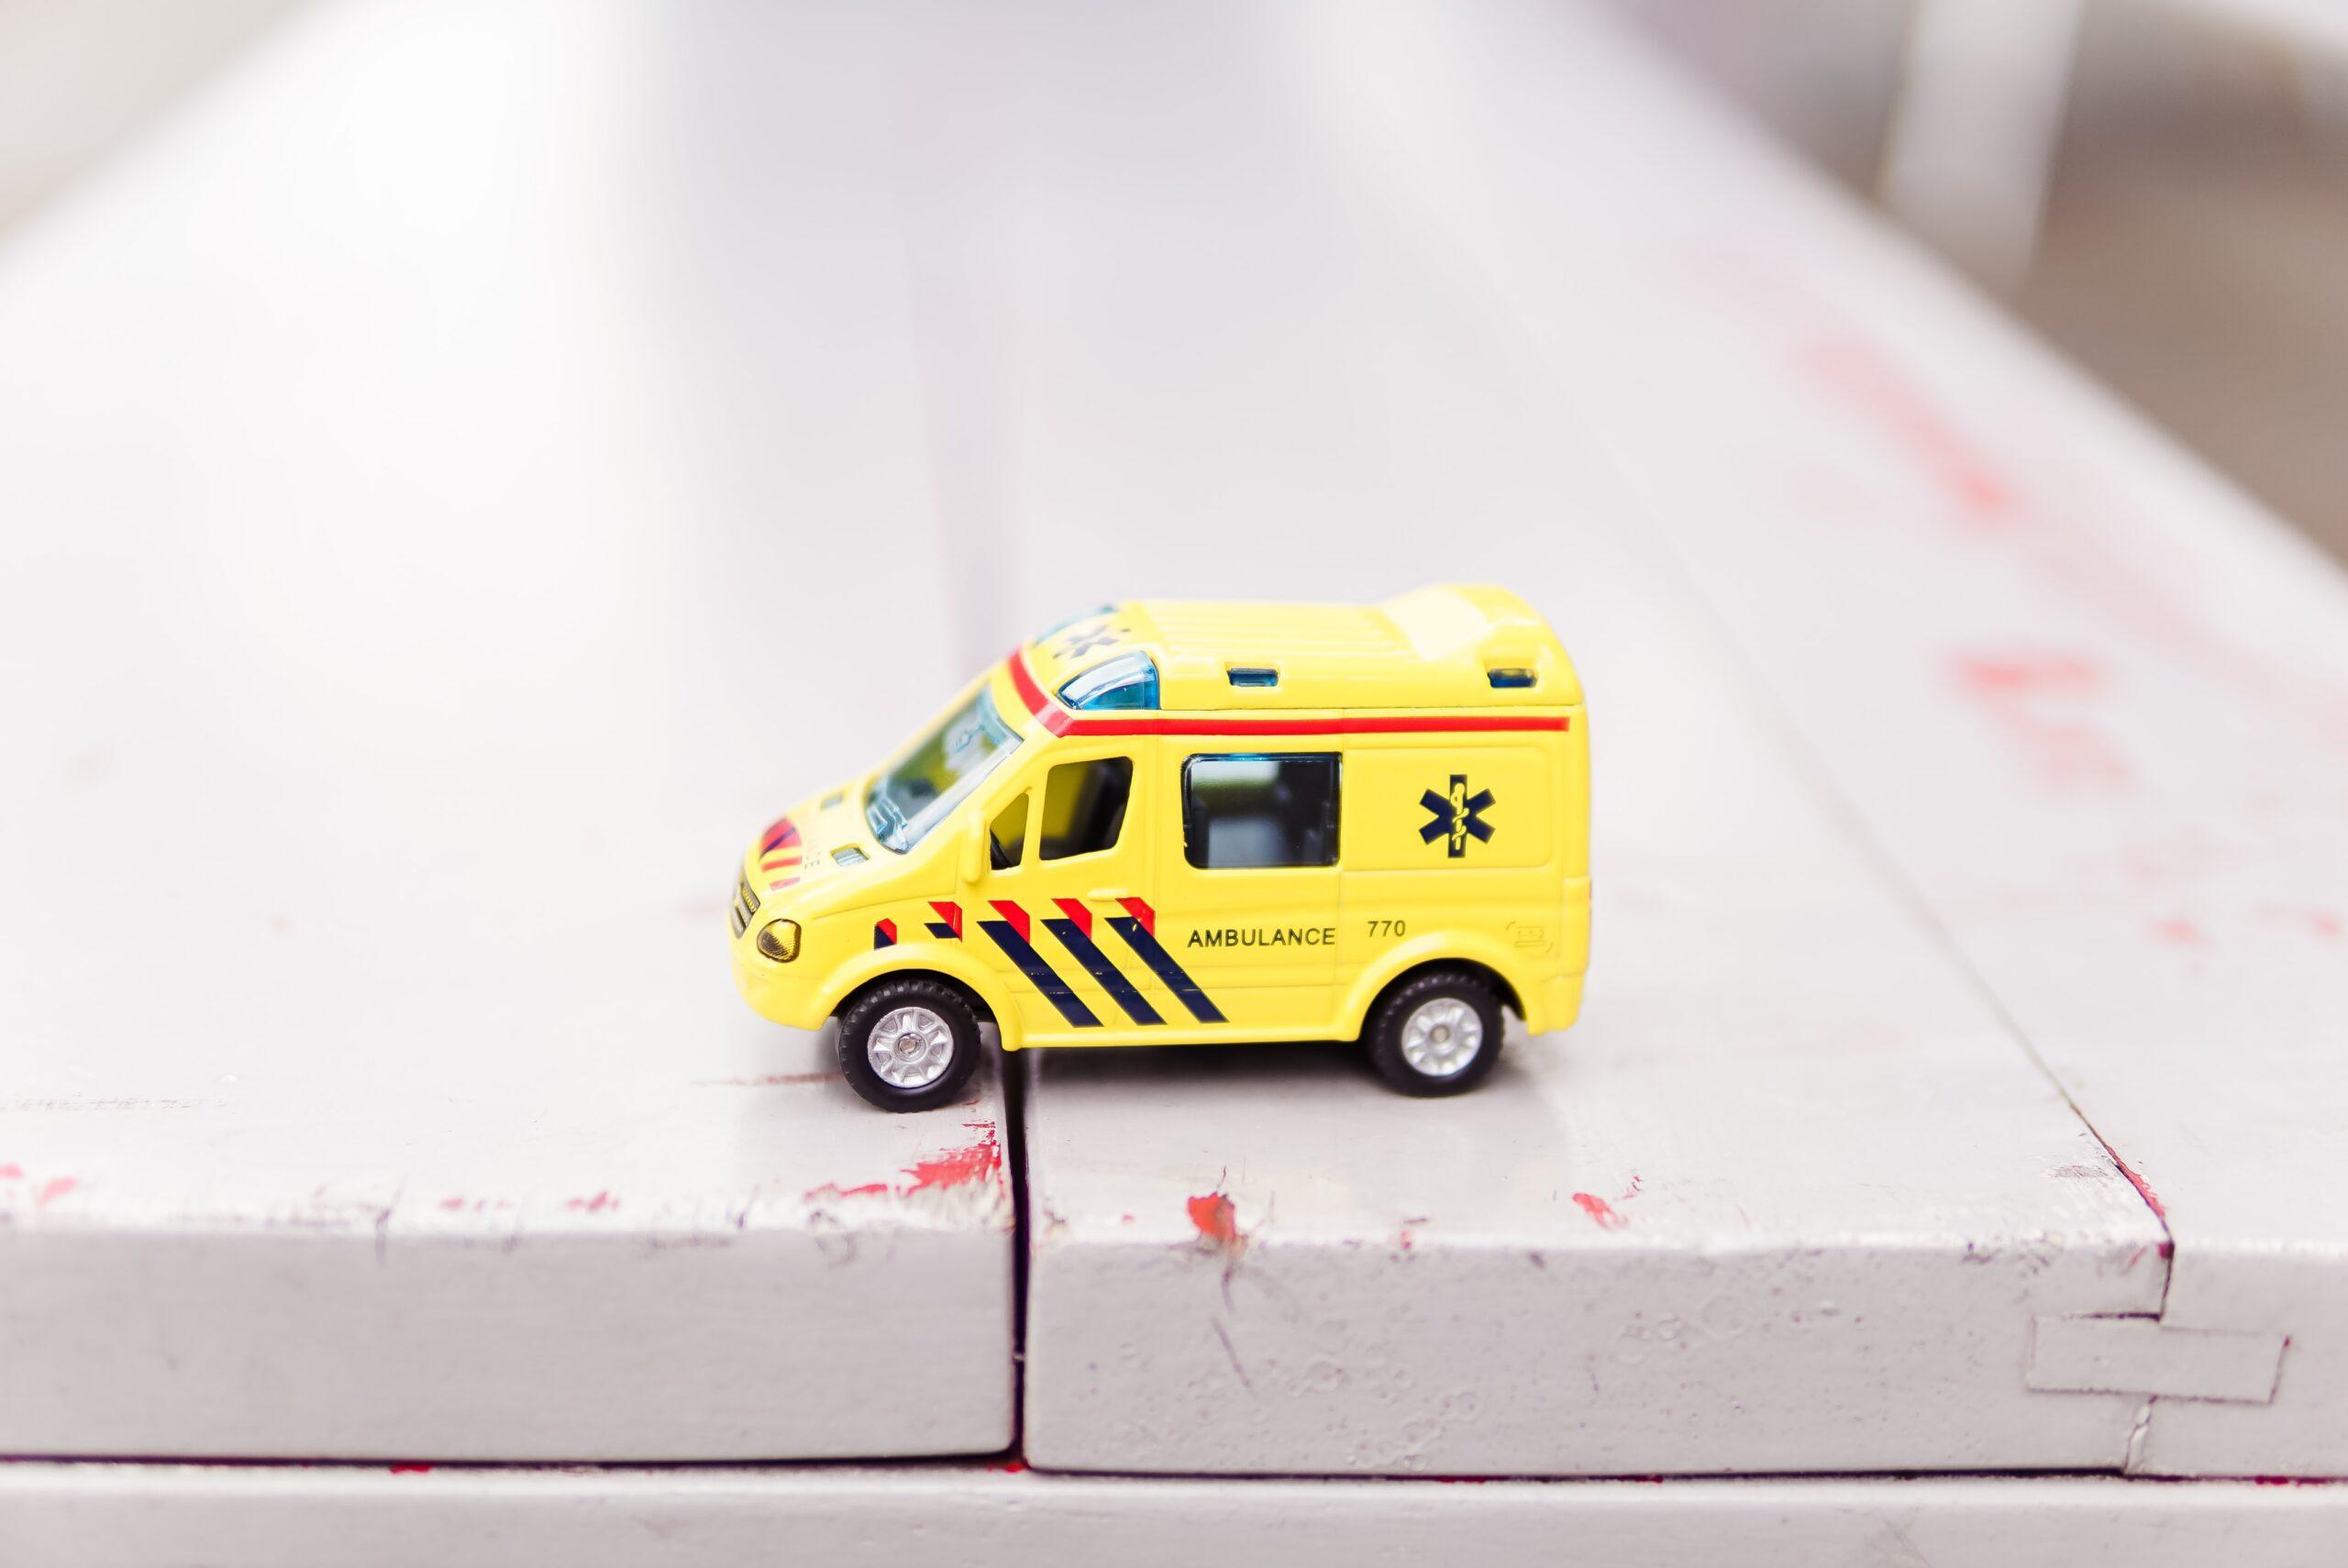 Salud notifica 394 casos y el fallecimiento de un joven de 29 años